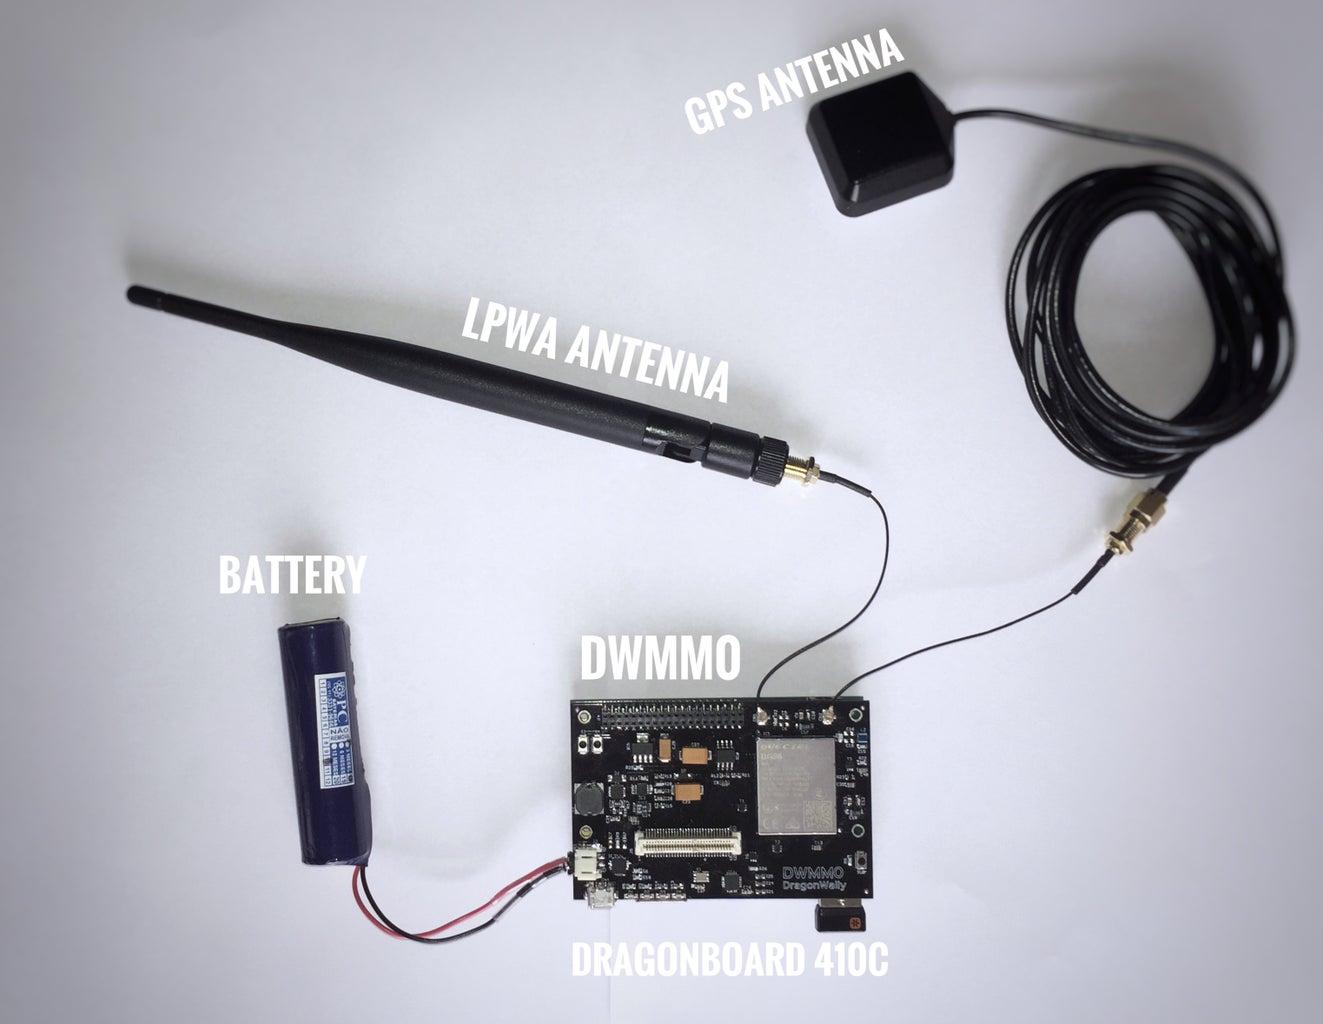 DWMM0 Mobile Connectivity Mezzanine